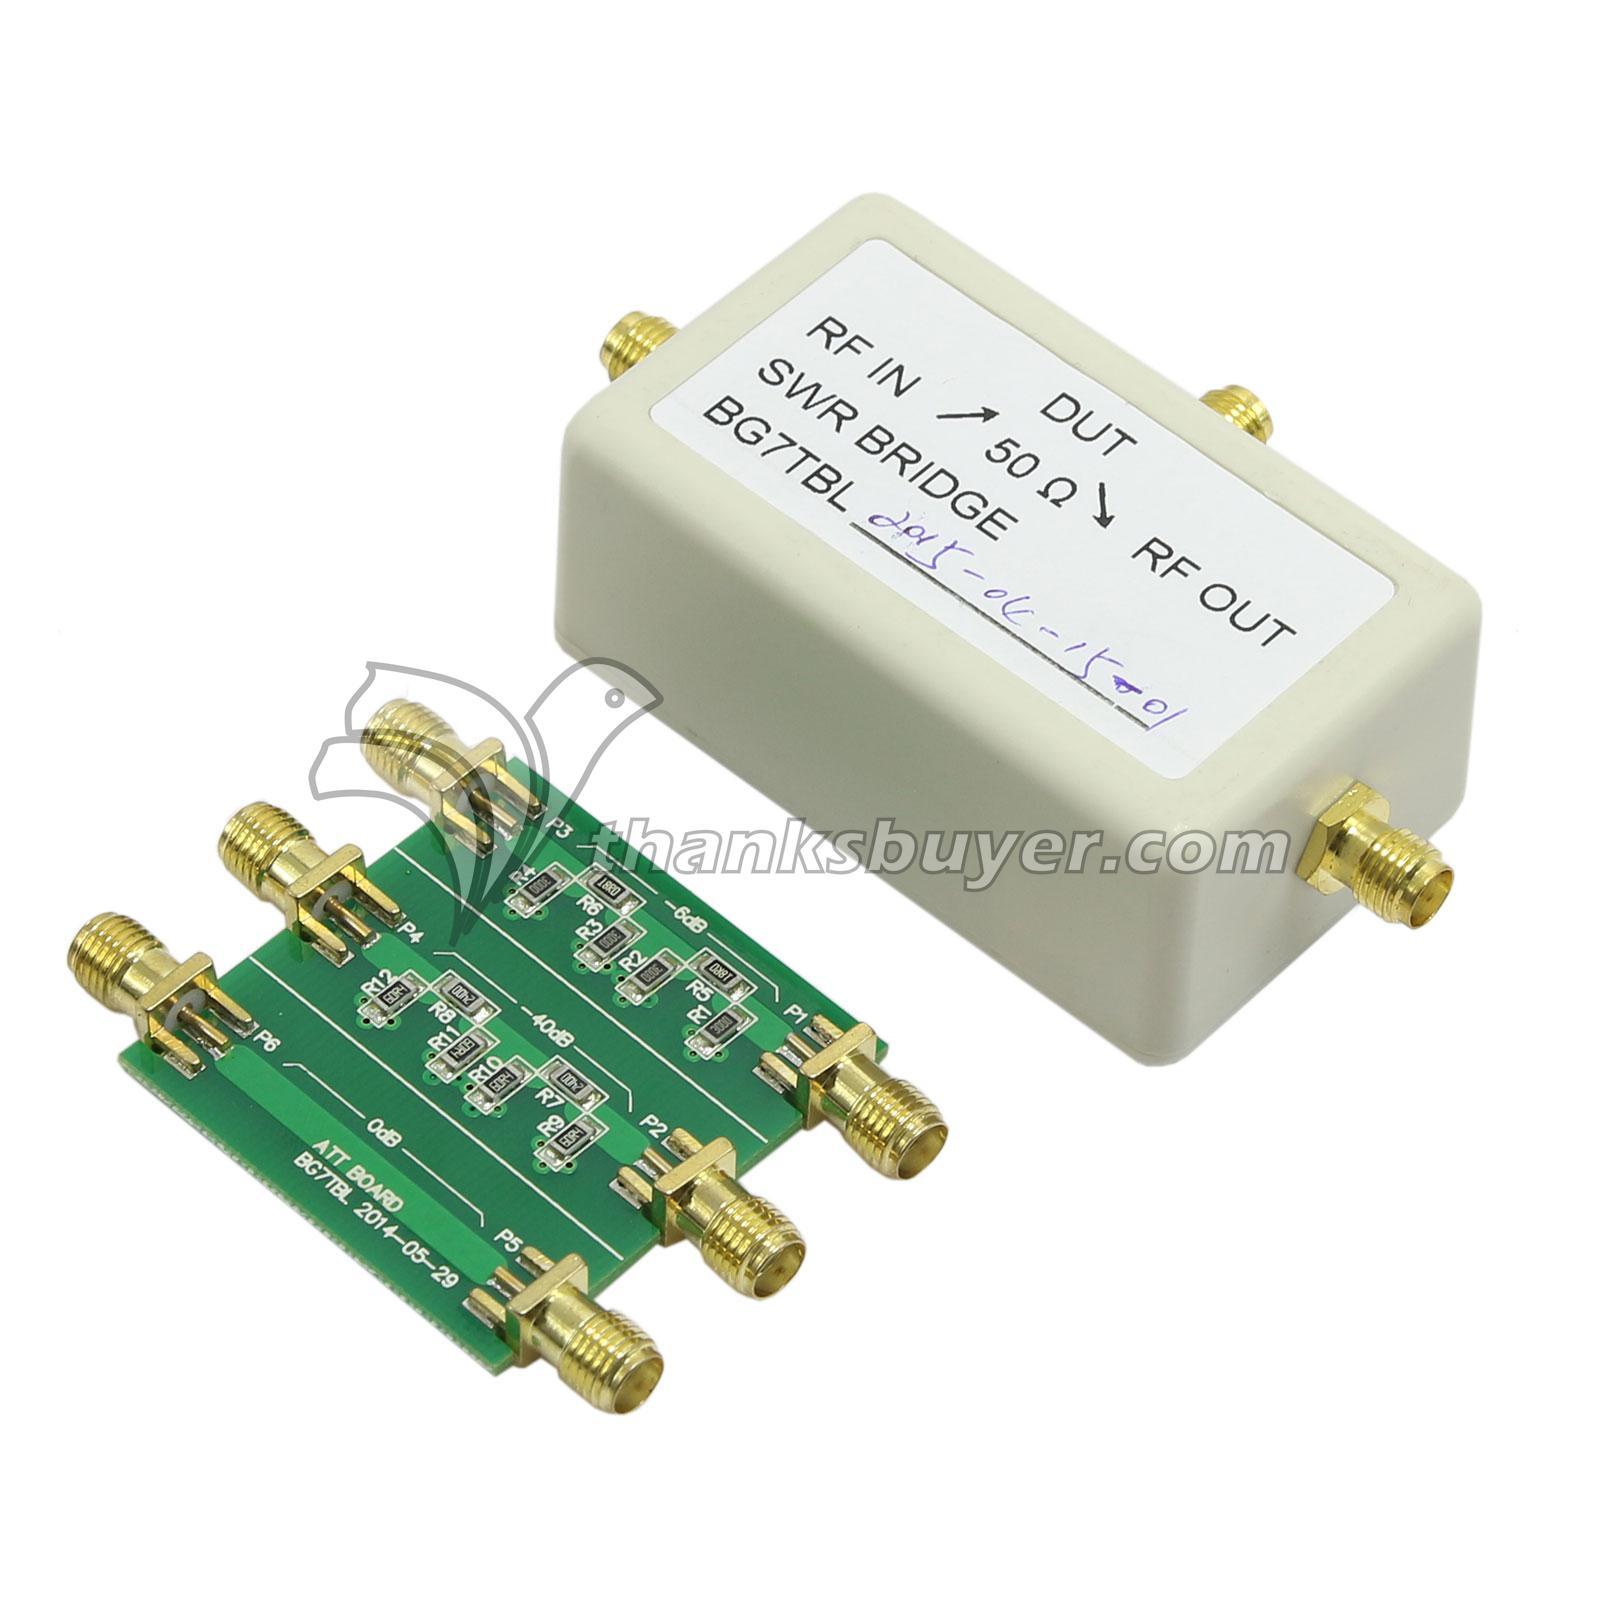 NWT500 0 1MHz-550MHz USB Sweep Analyzer + Attenuator + SWR